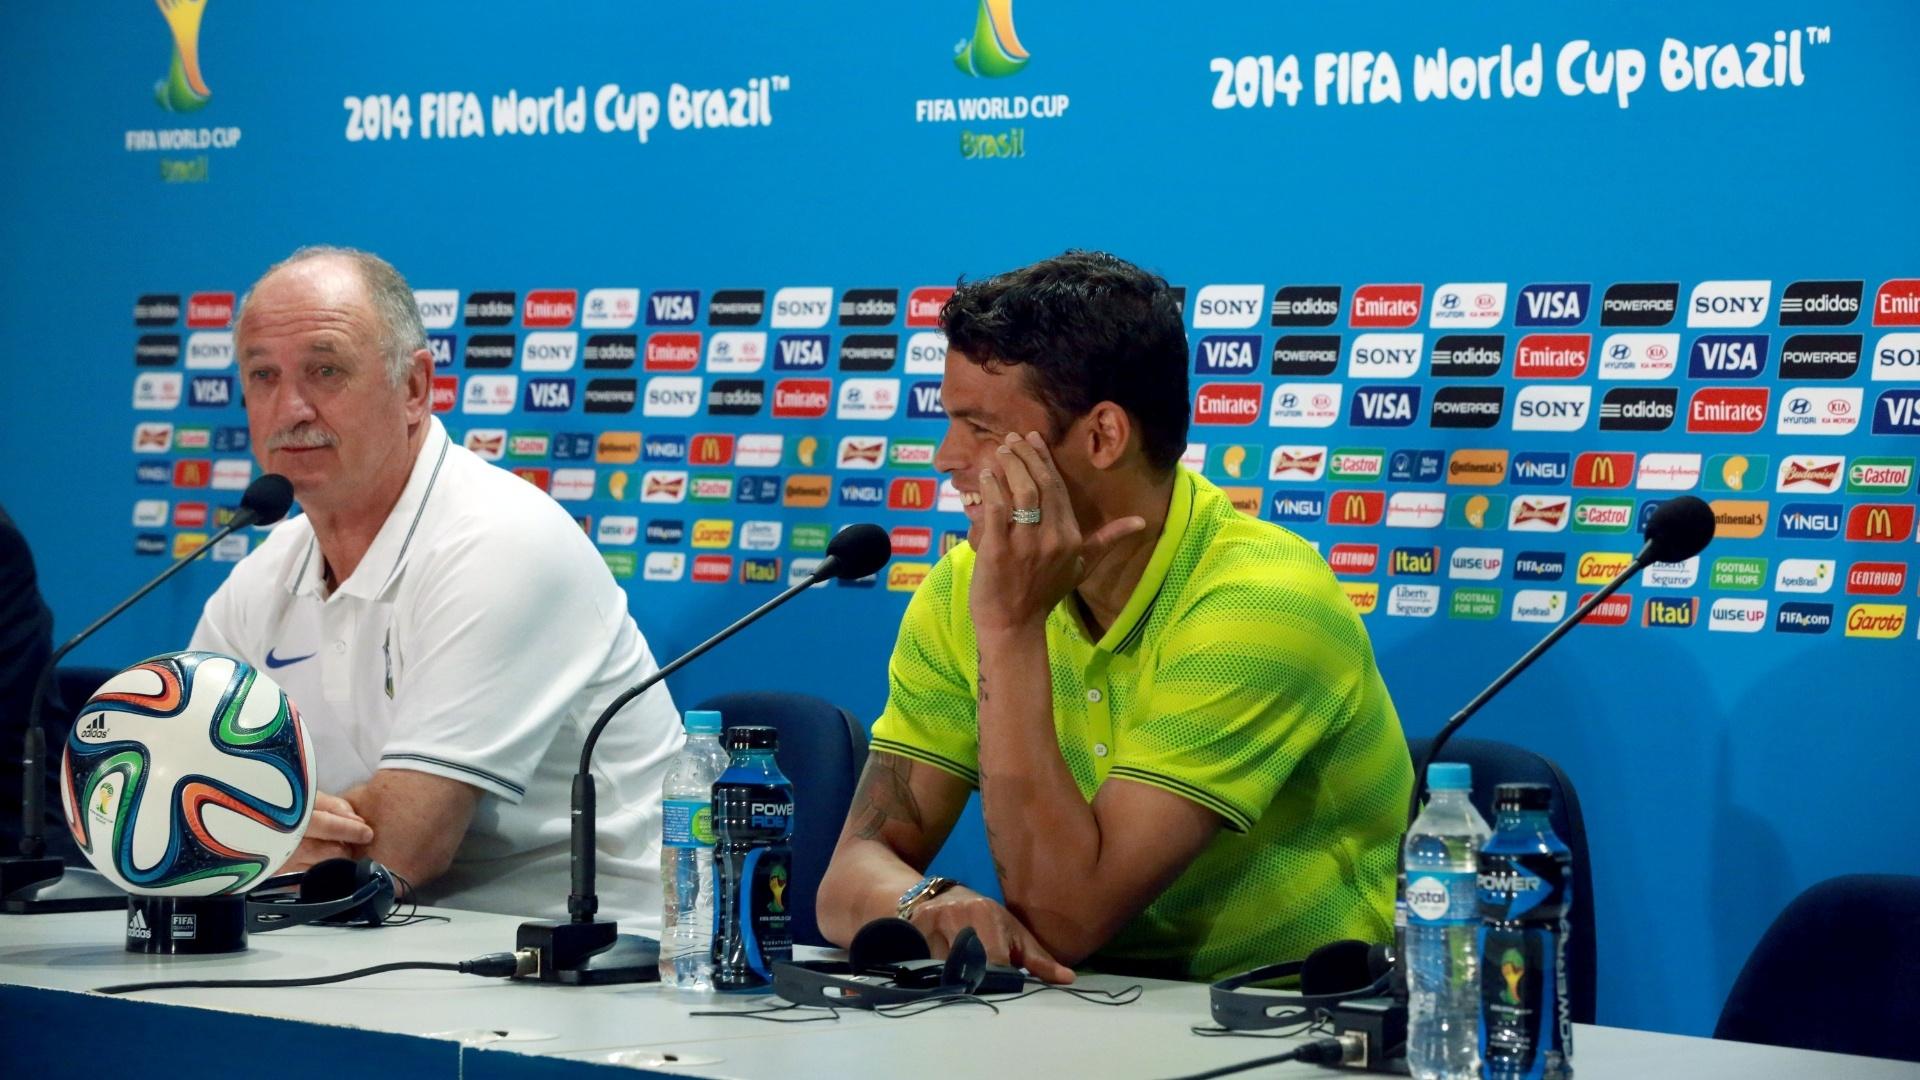 27.jun.2014 - Thiago Silva sorri com resposta de Felipão a jornalista durante entrevista coletiva da seleção brasileira no Mineirão, palco do jogo contra o Chile